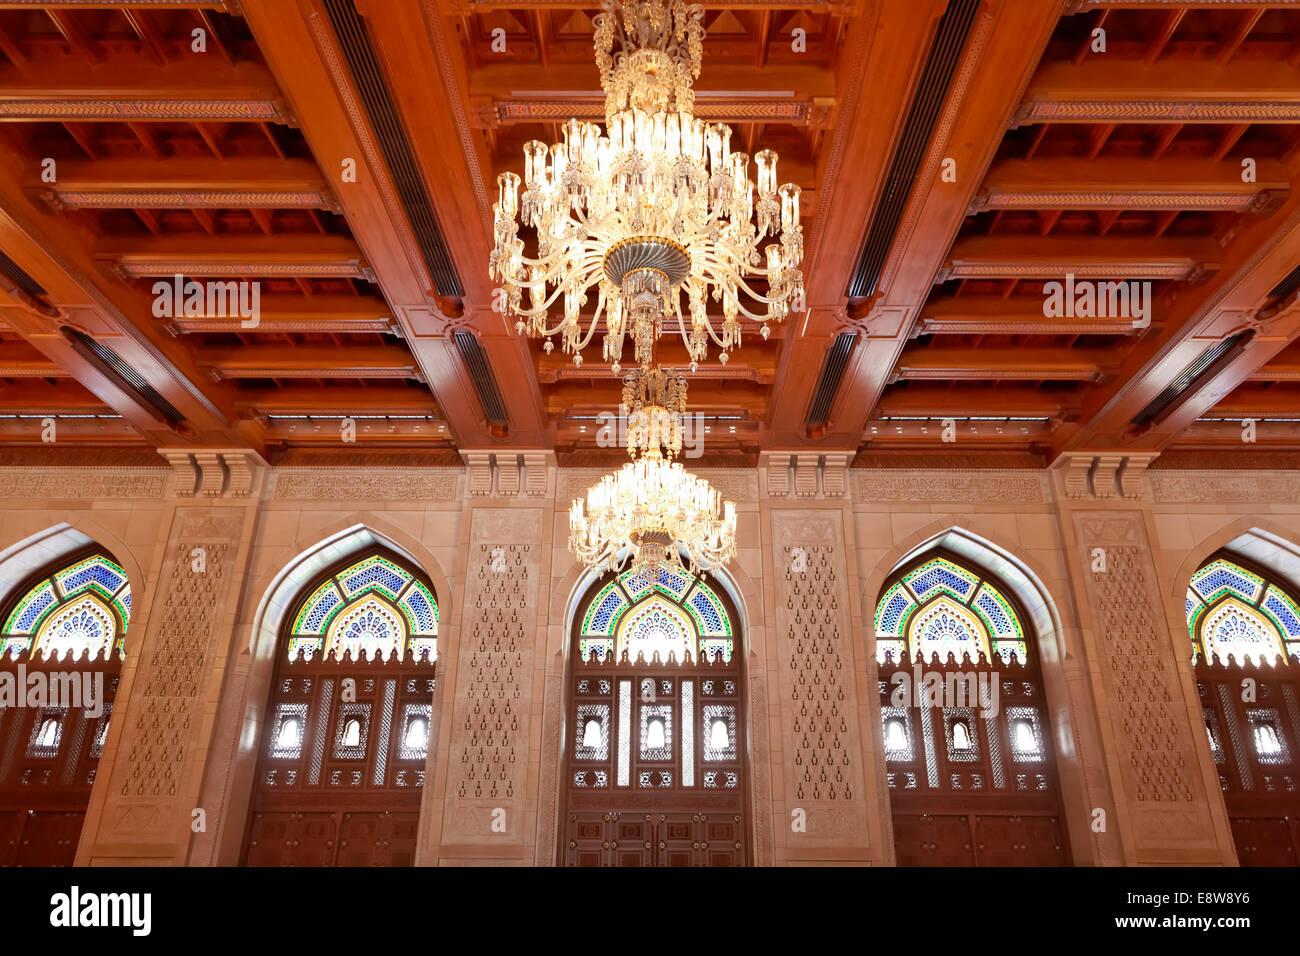 Sala di Preghiera per le donne con un soffitto in legno e un lampadario, Sultan Qaboos Grande Moschea, Muscat Oman Immagini Stock